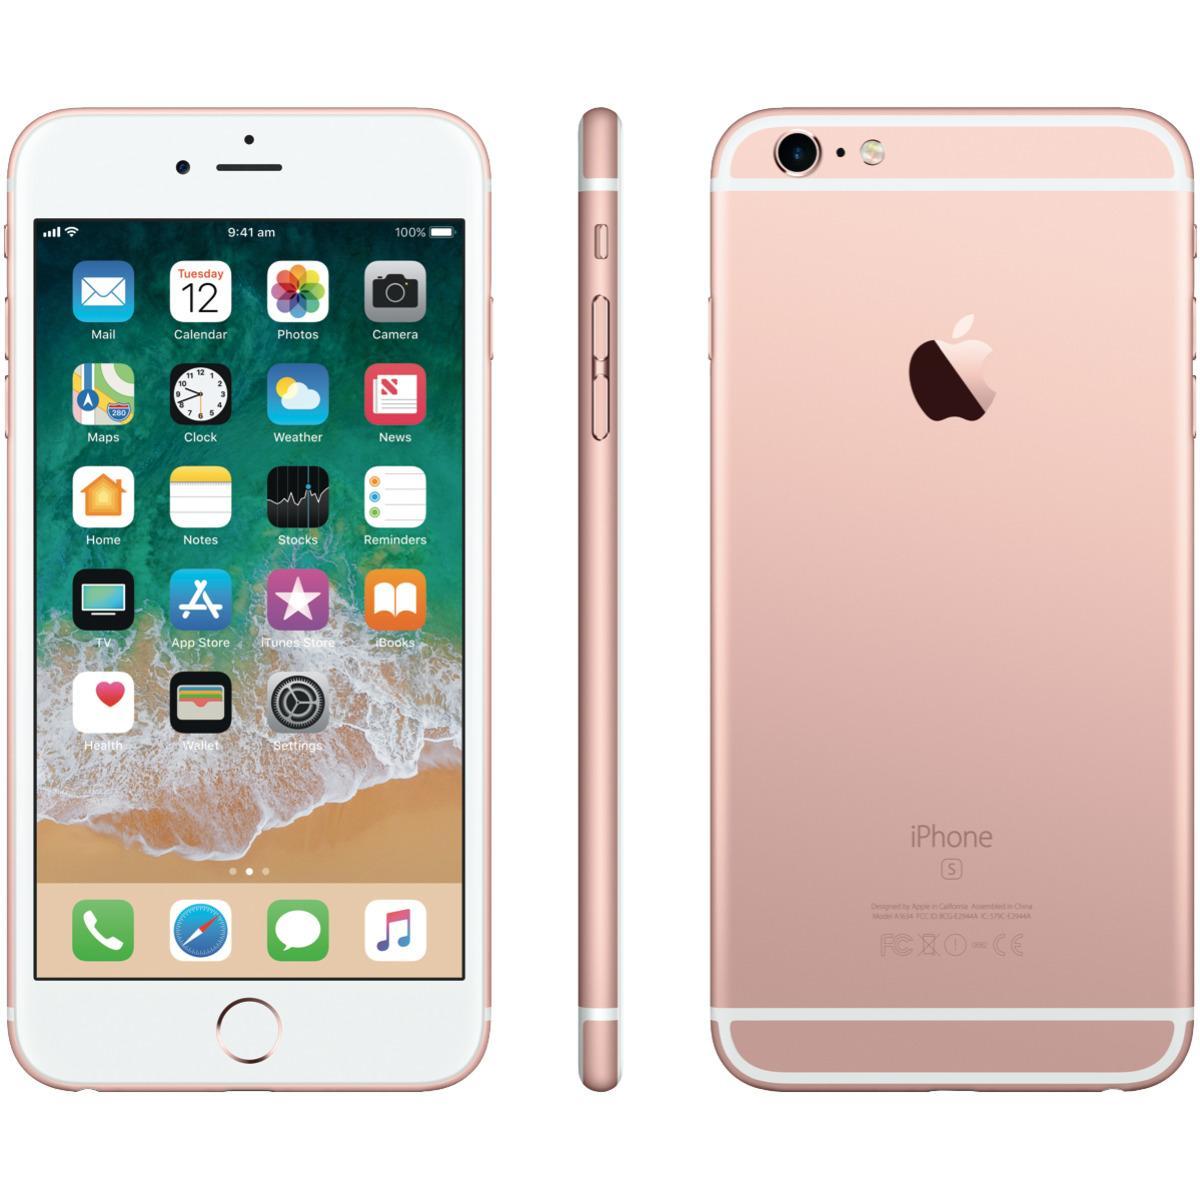 P~ไอโฟน6S พลัสมือสอง ของแท้